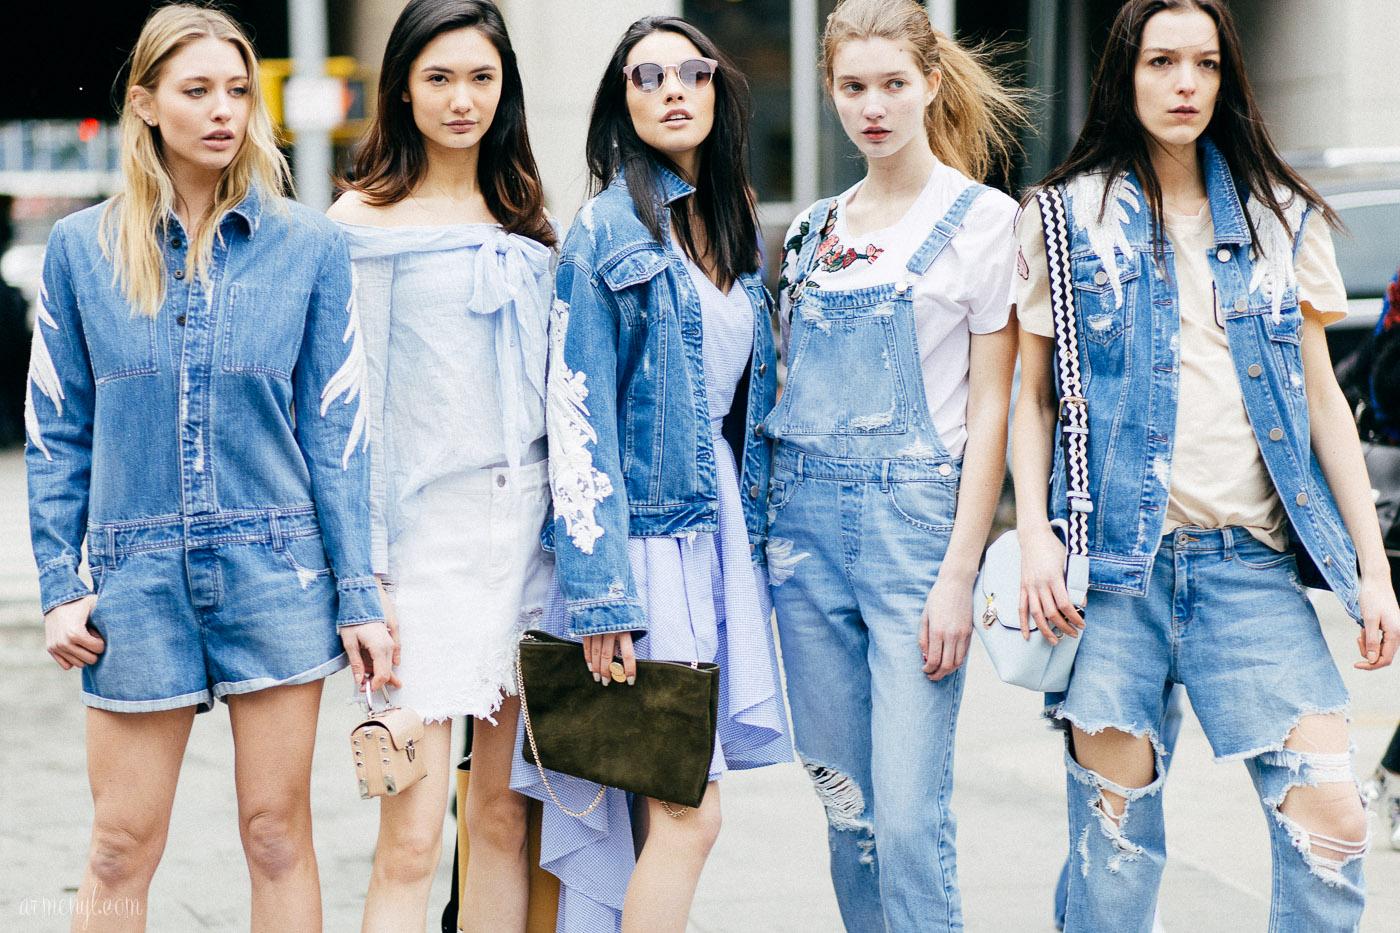 Деним Total-Look: 5 вещей из джинсы для трендового образа в этом году